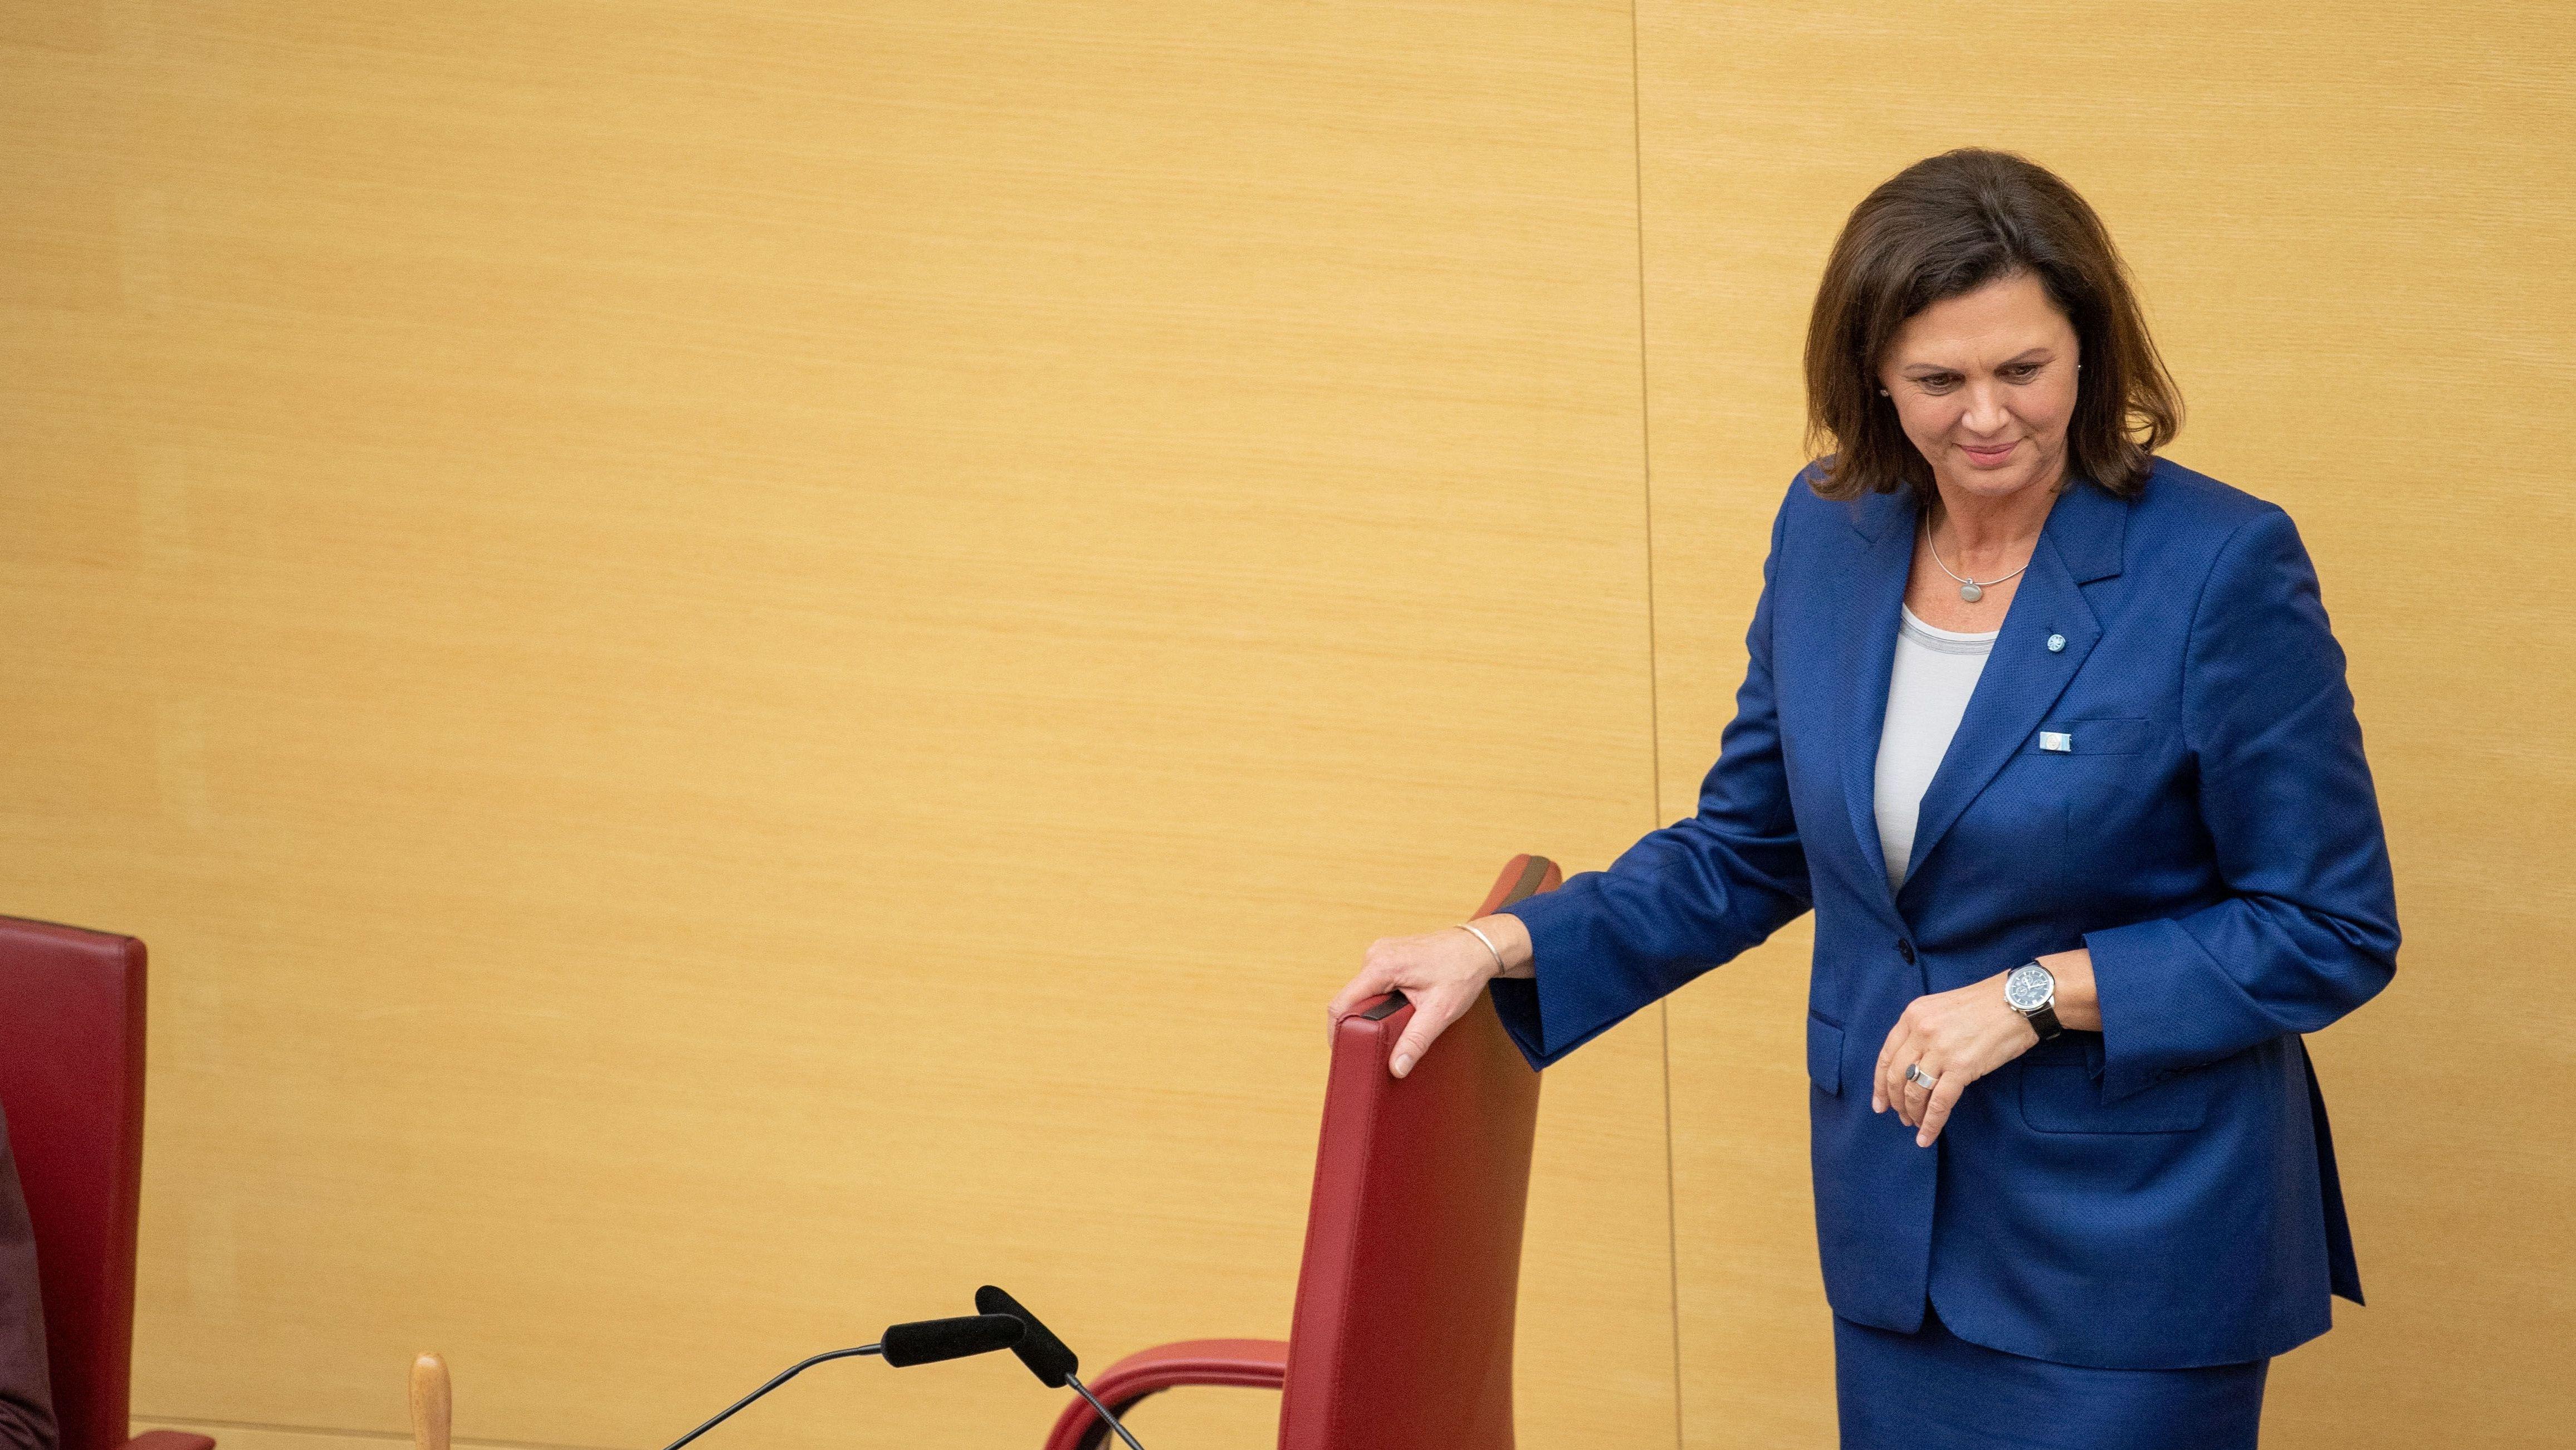 5. November 2018: Ilse Aigner (CSU) steht nach der Wahl zur Landtagspräsidentin an ihrem neuen Platz.